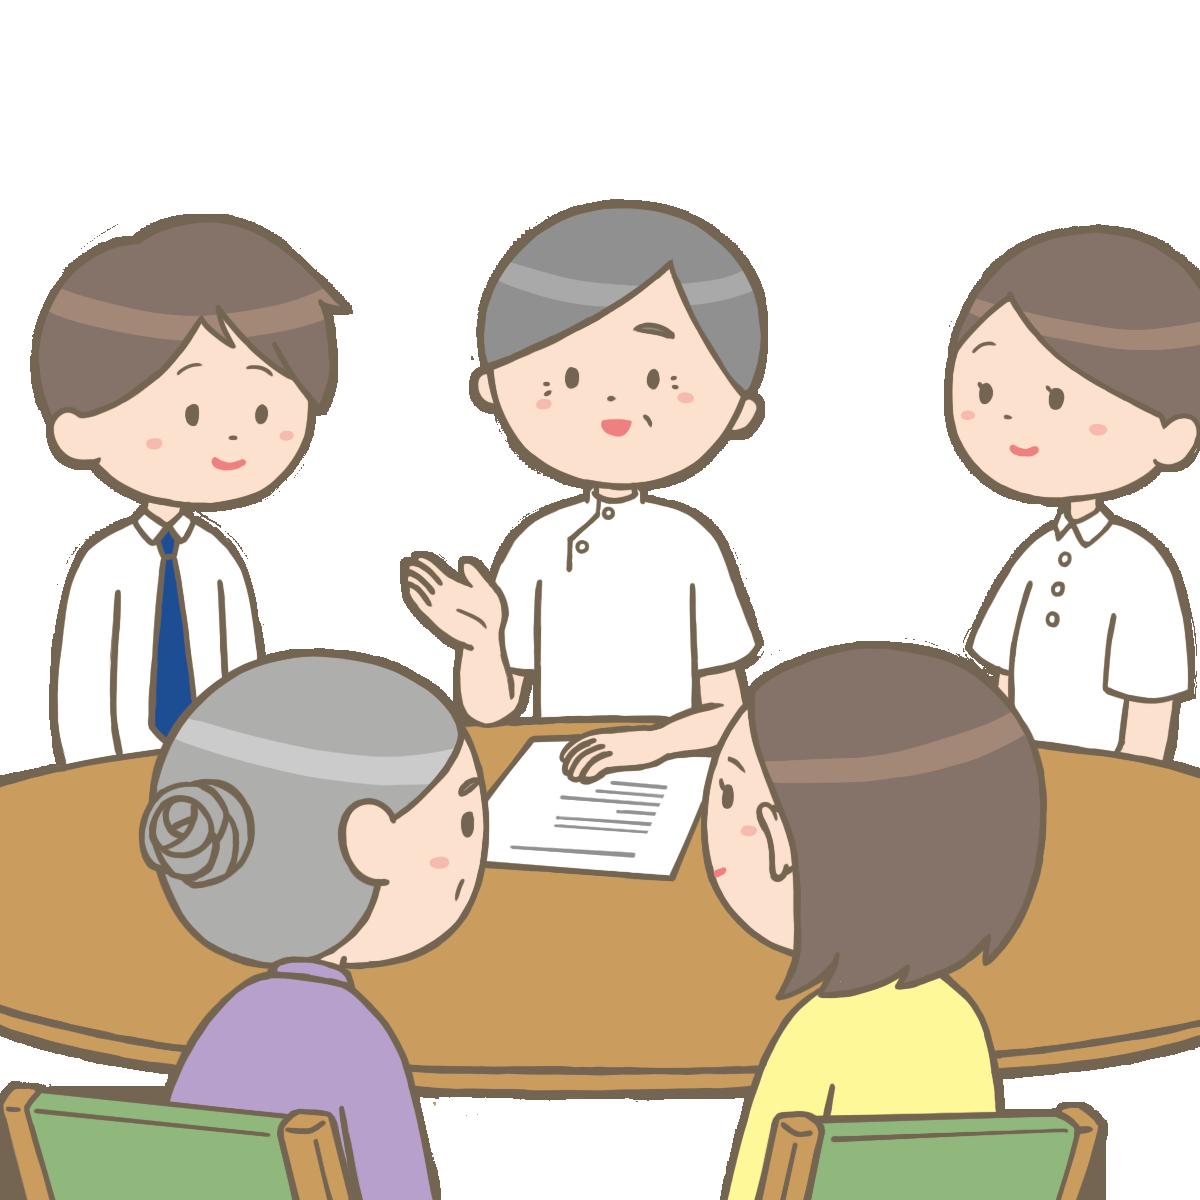 医療従事者と本人家族の話し合いのイラストフリー素材看護roo